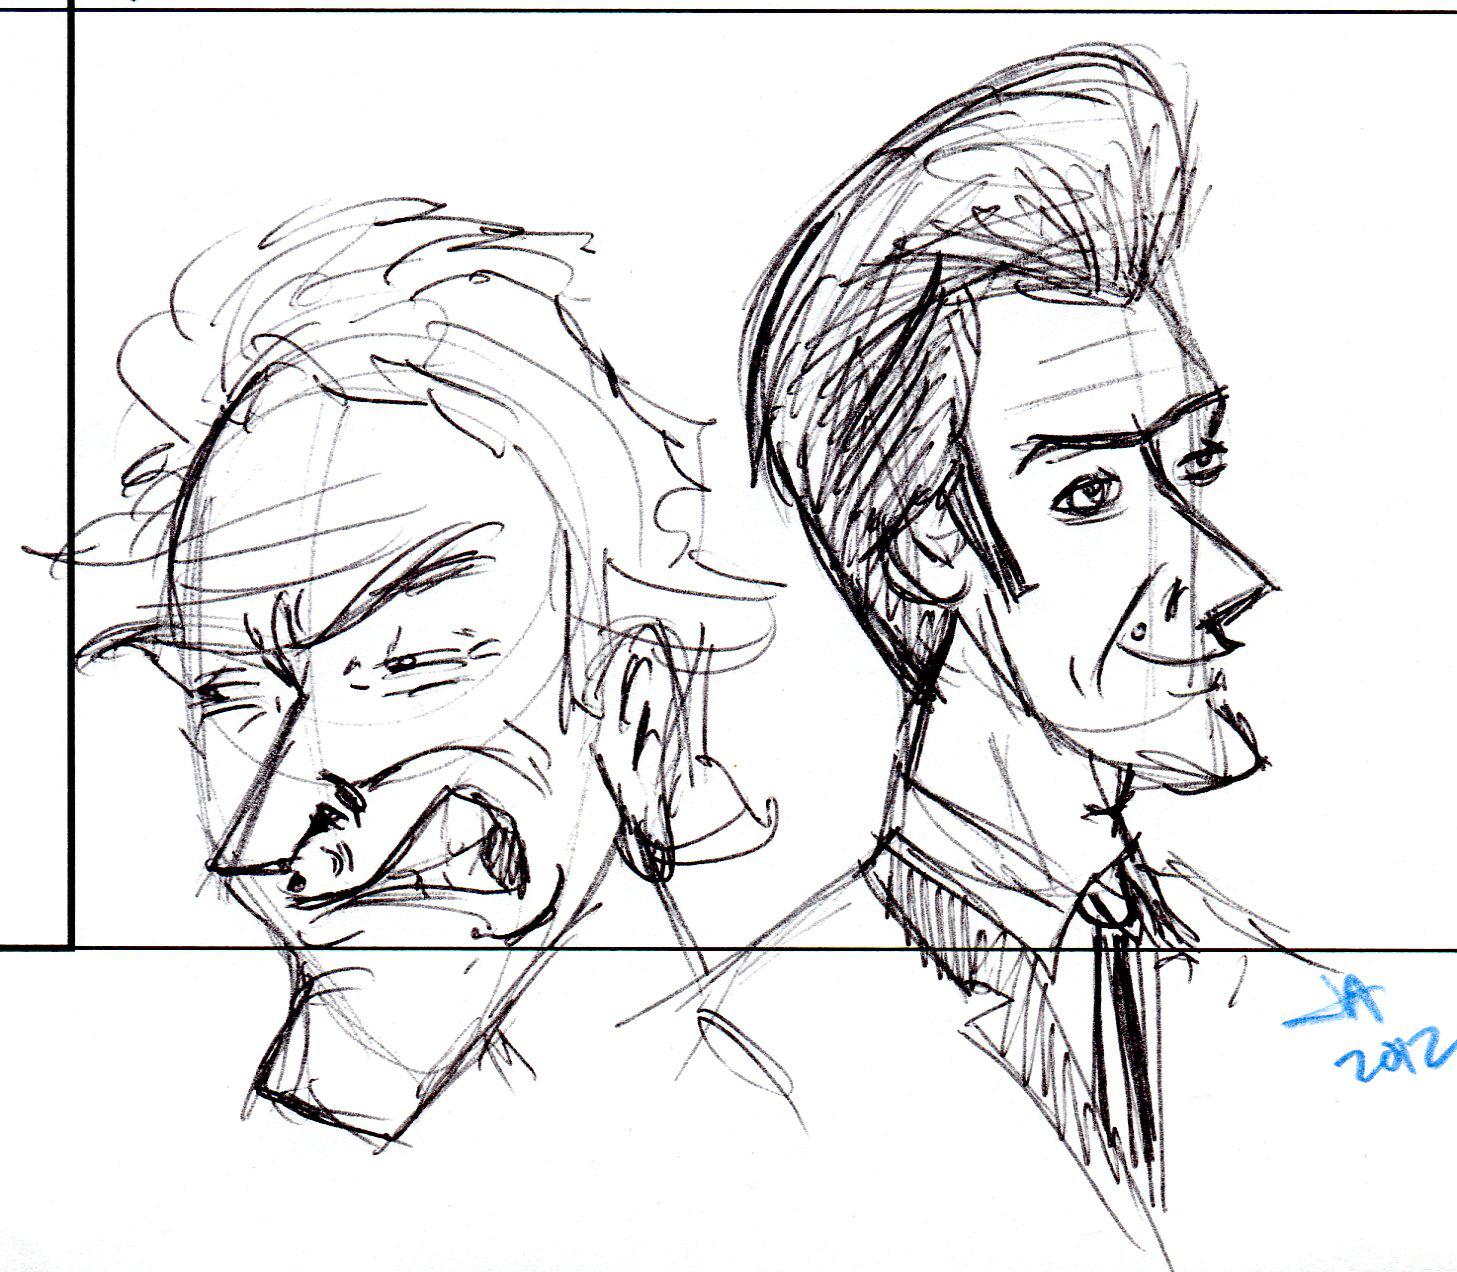 Random: Joe Apel: Random Drawings